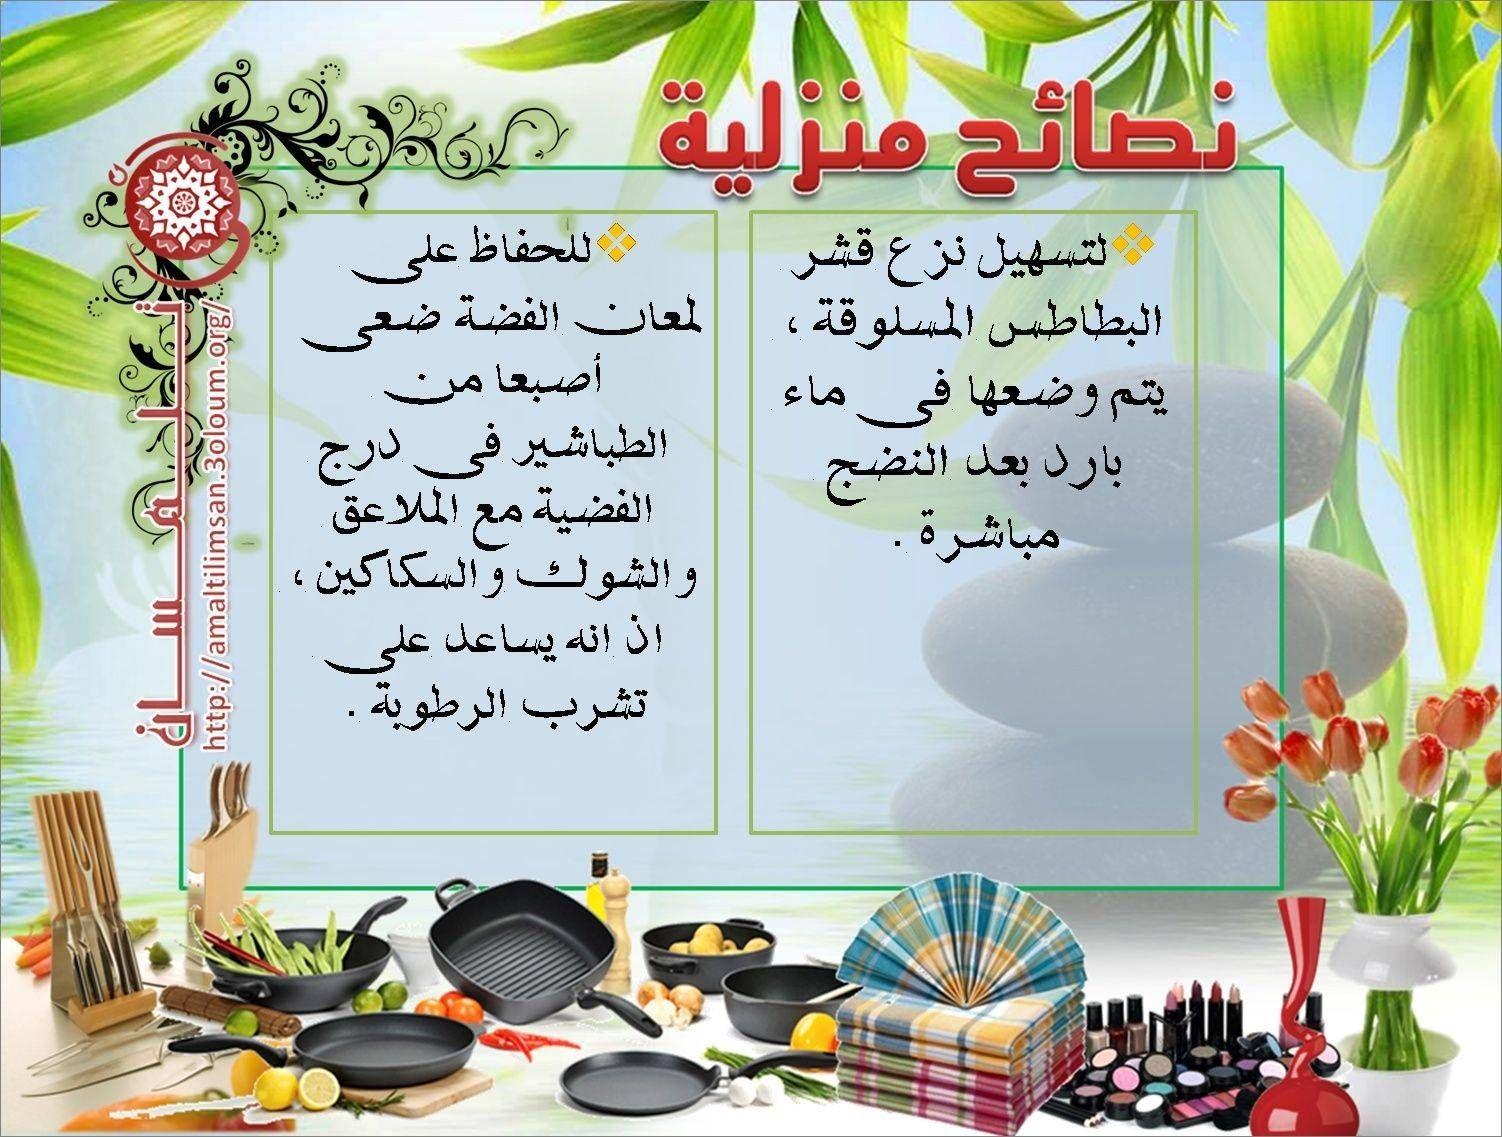 مجموعة نصائح منزلية لحواء في بيتها Fair Food Recipes Arabic Food Cleaning Recipes